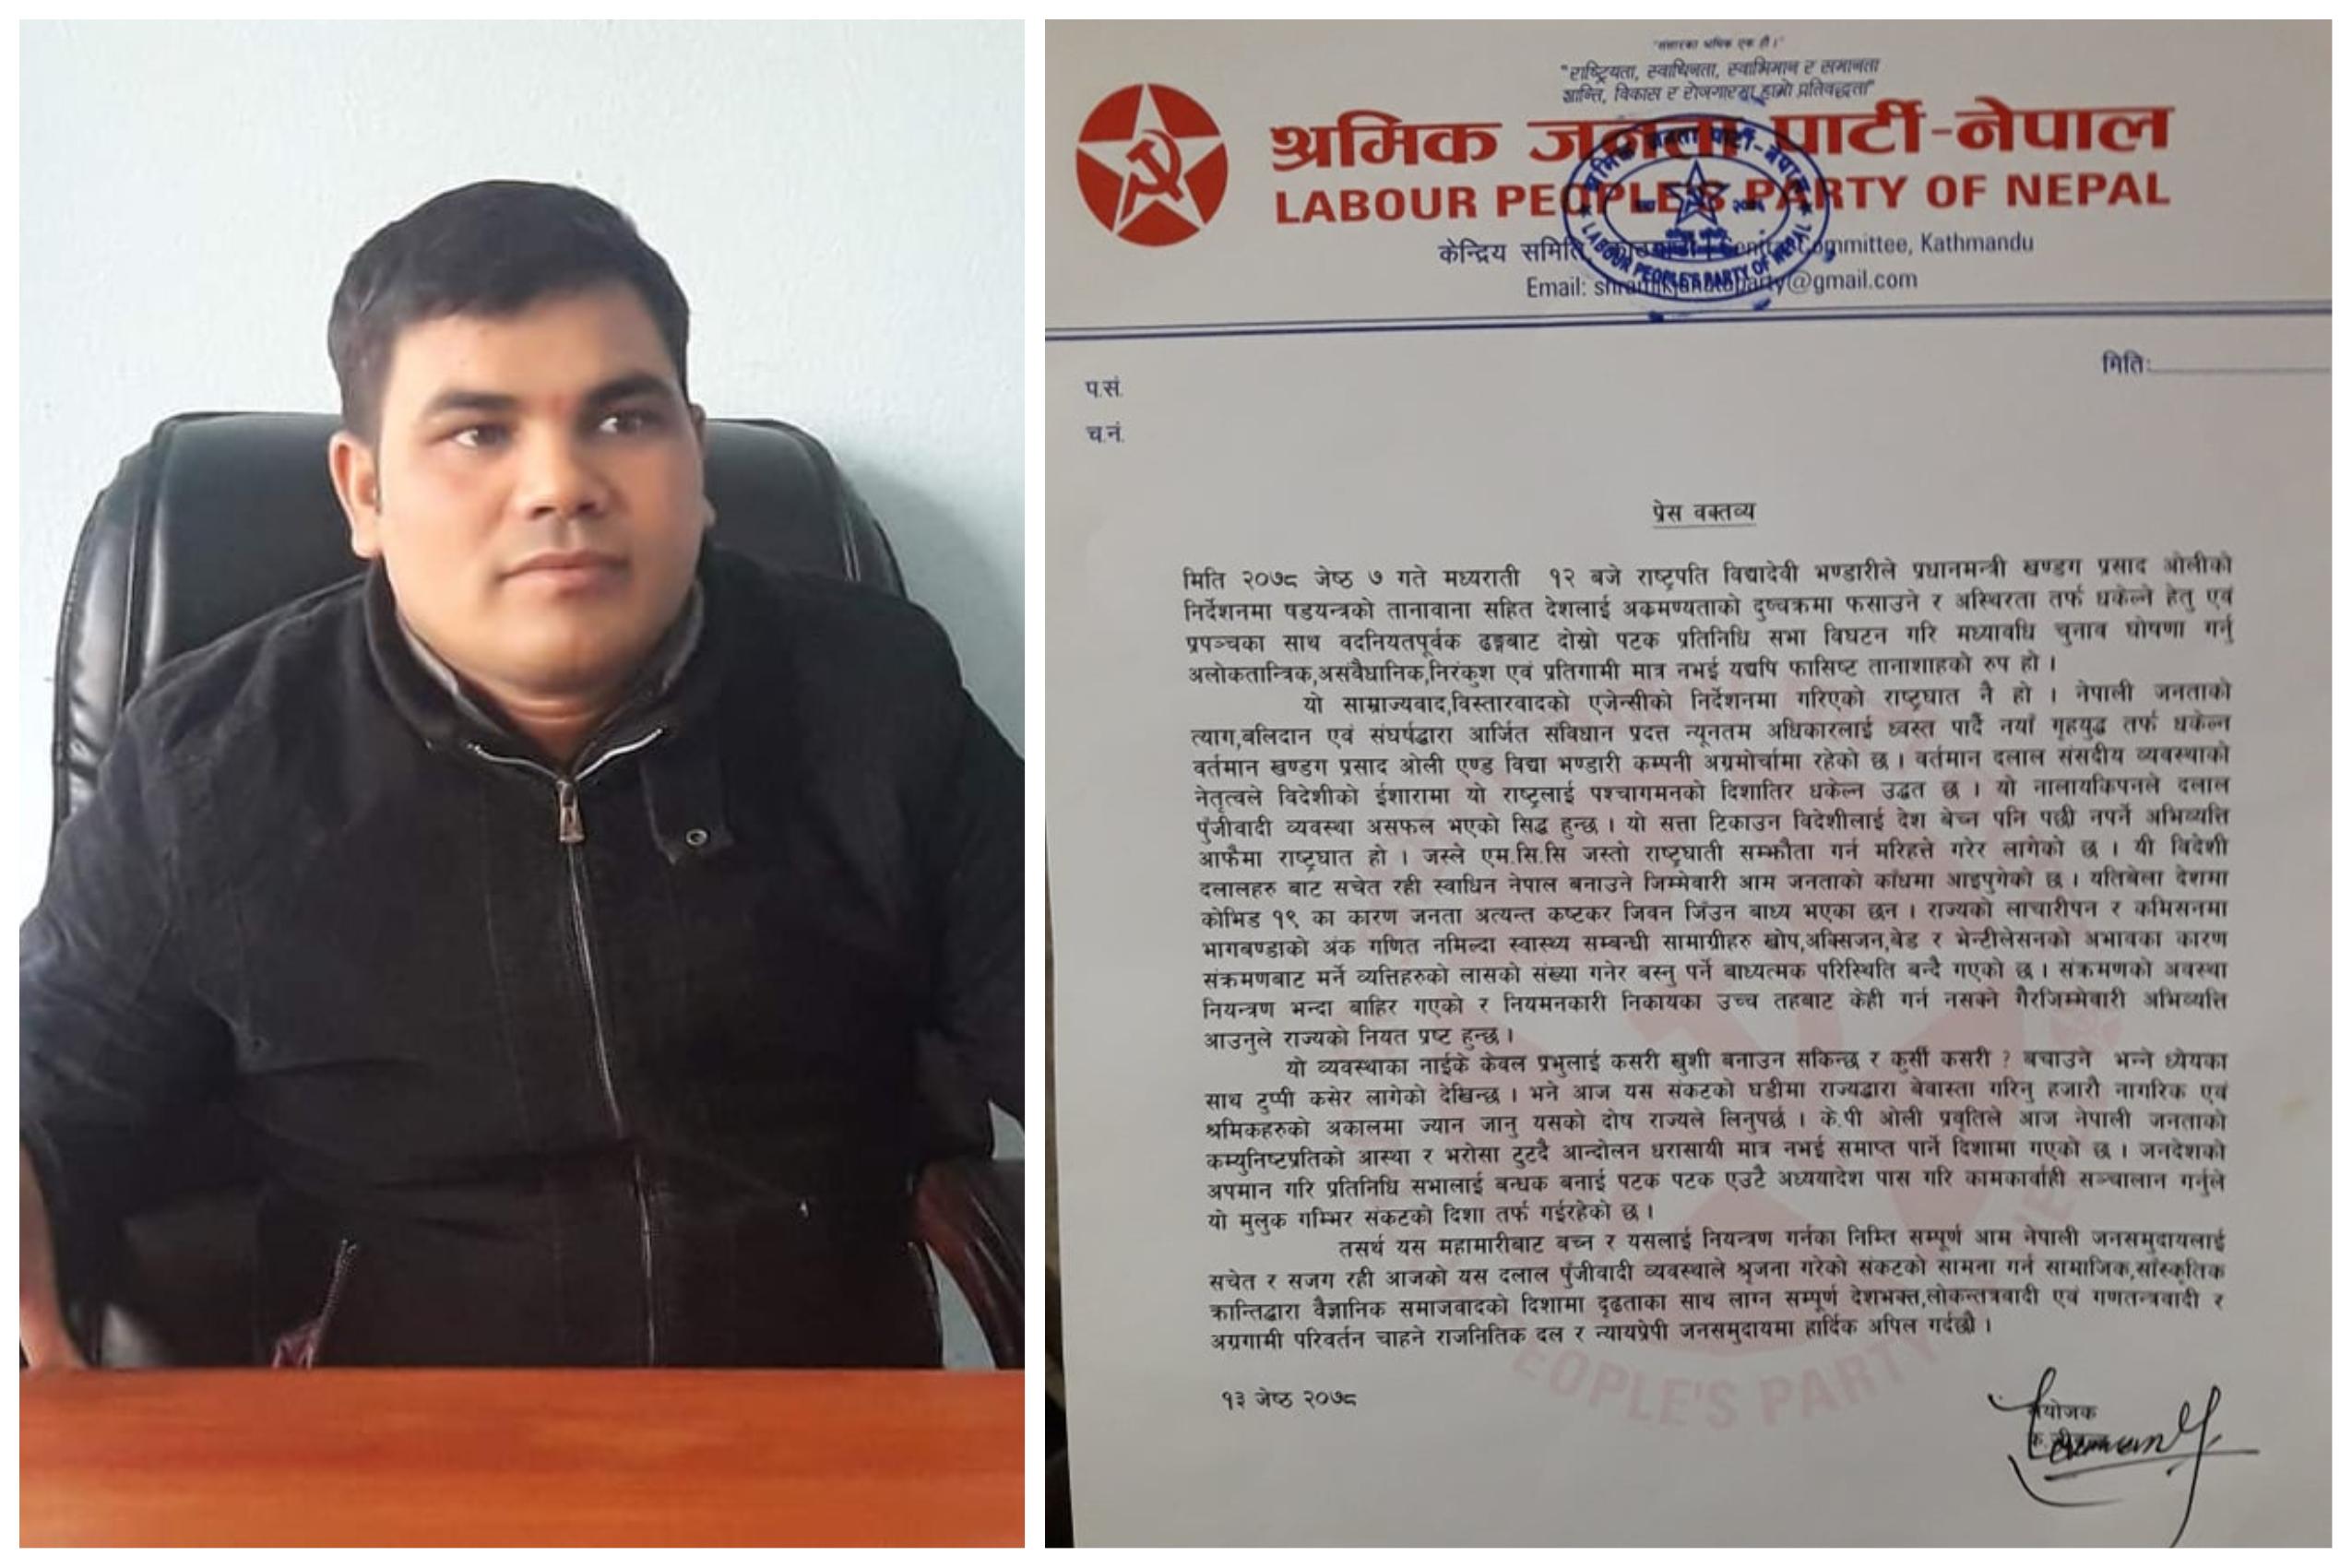 केपी सरकार तानाशाही र क्रुर भयो: दुर्गा बराइली, महासचिव श्रमिक जनता पार्टी